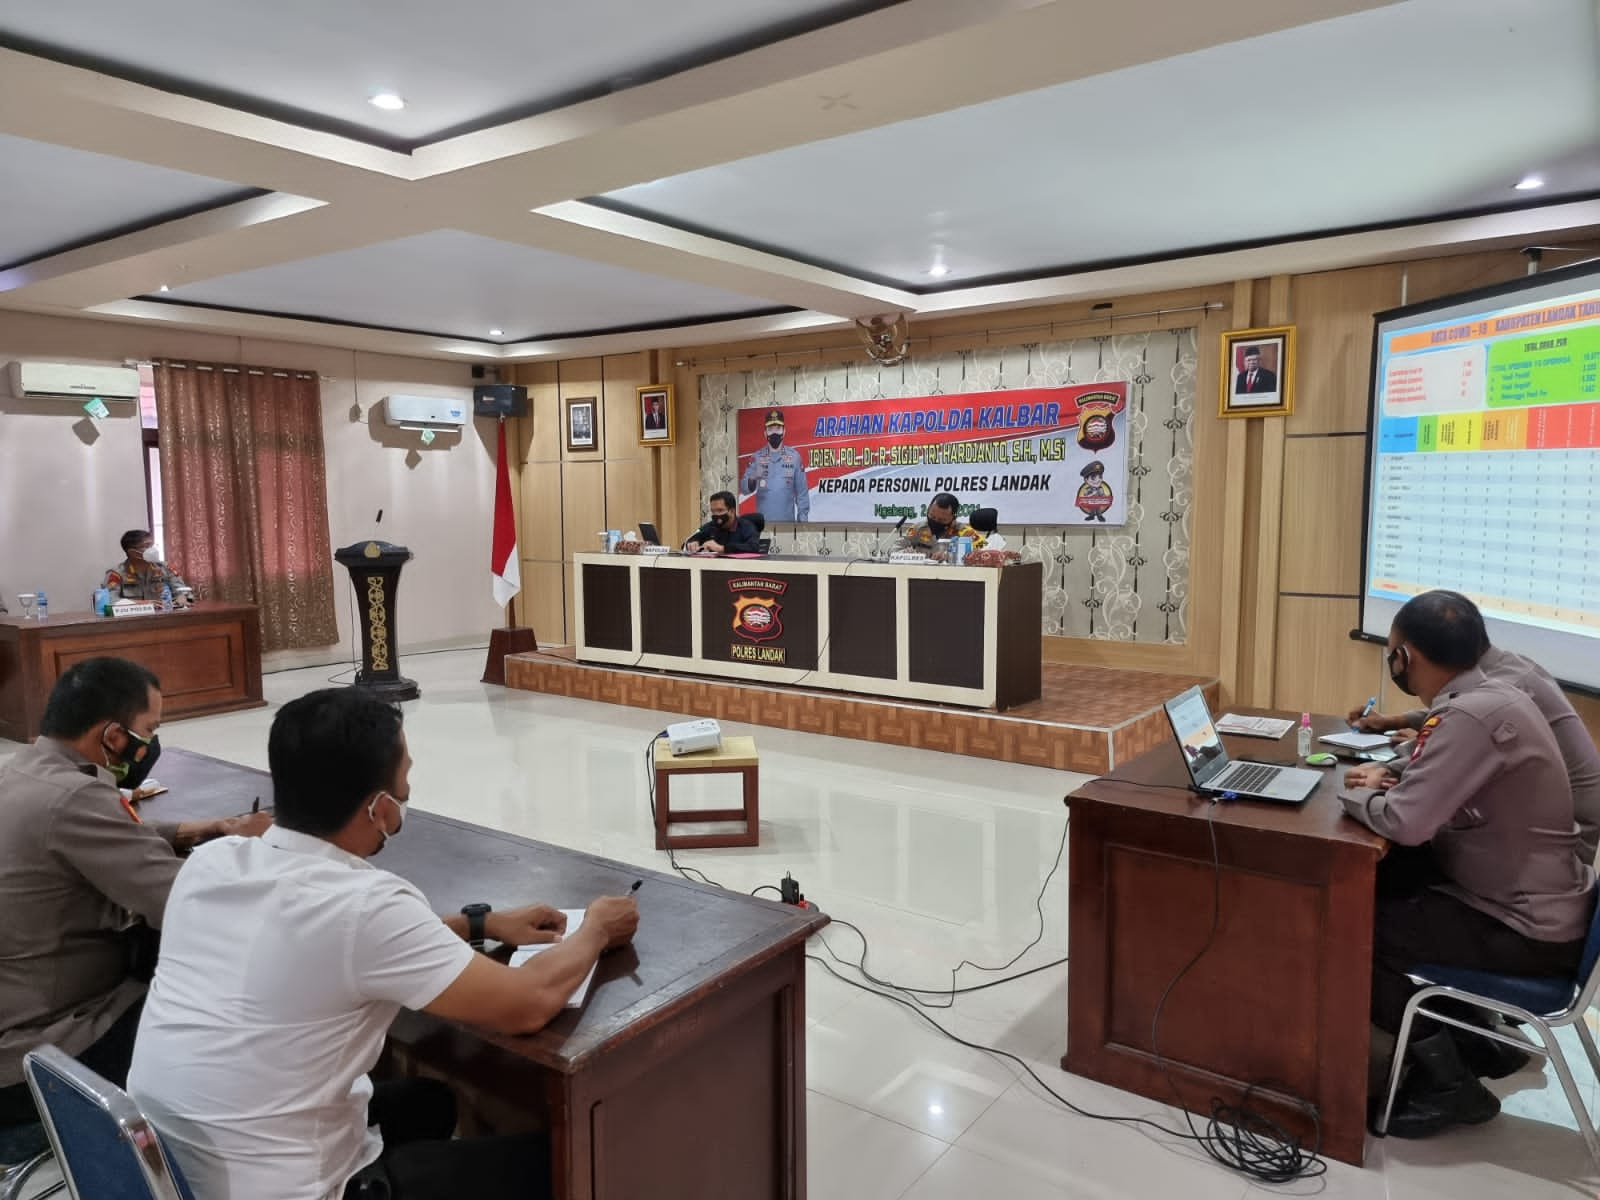 Tujuh Personel Polres Landak Terkonfirmasi COVID-19, Kapolda Kalbar : Corona Dapat Menyerang Siapa Saja